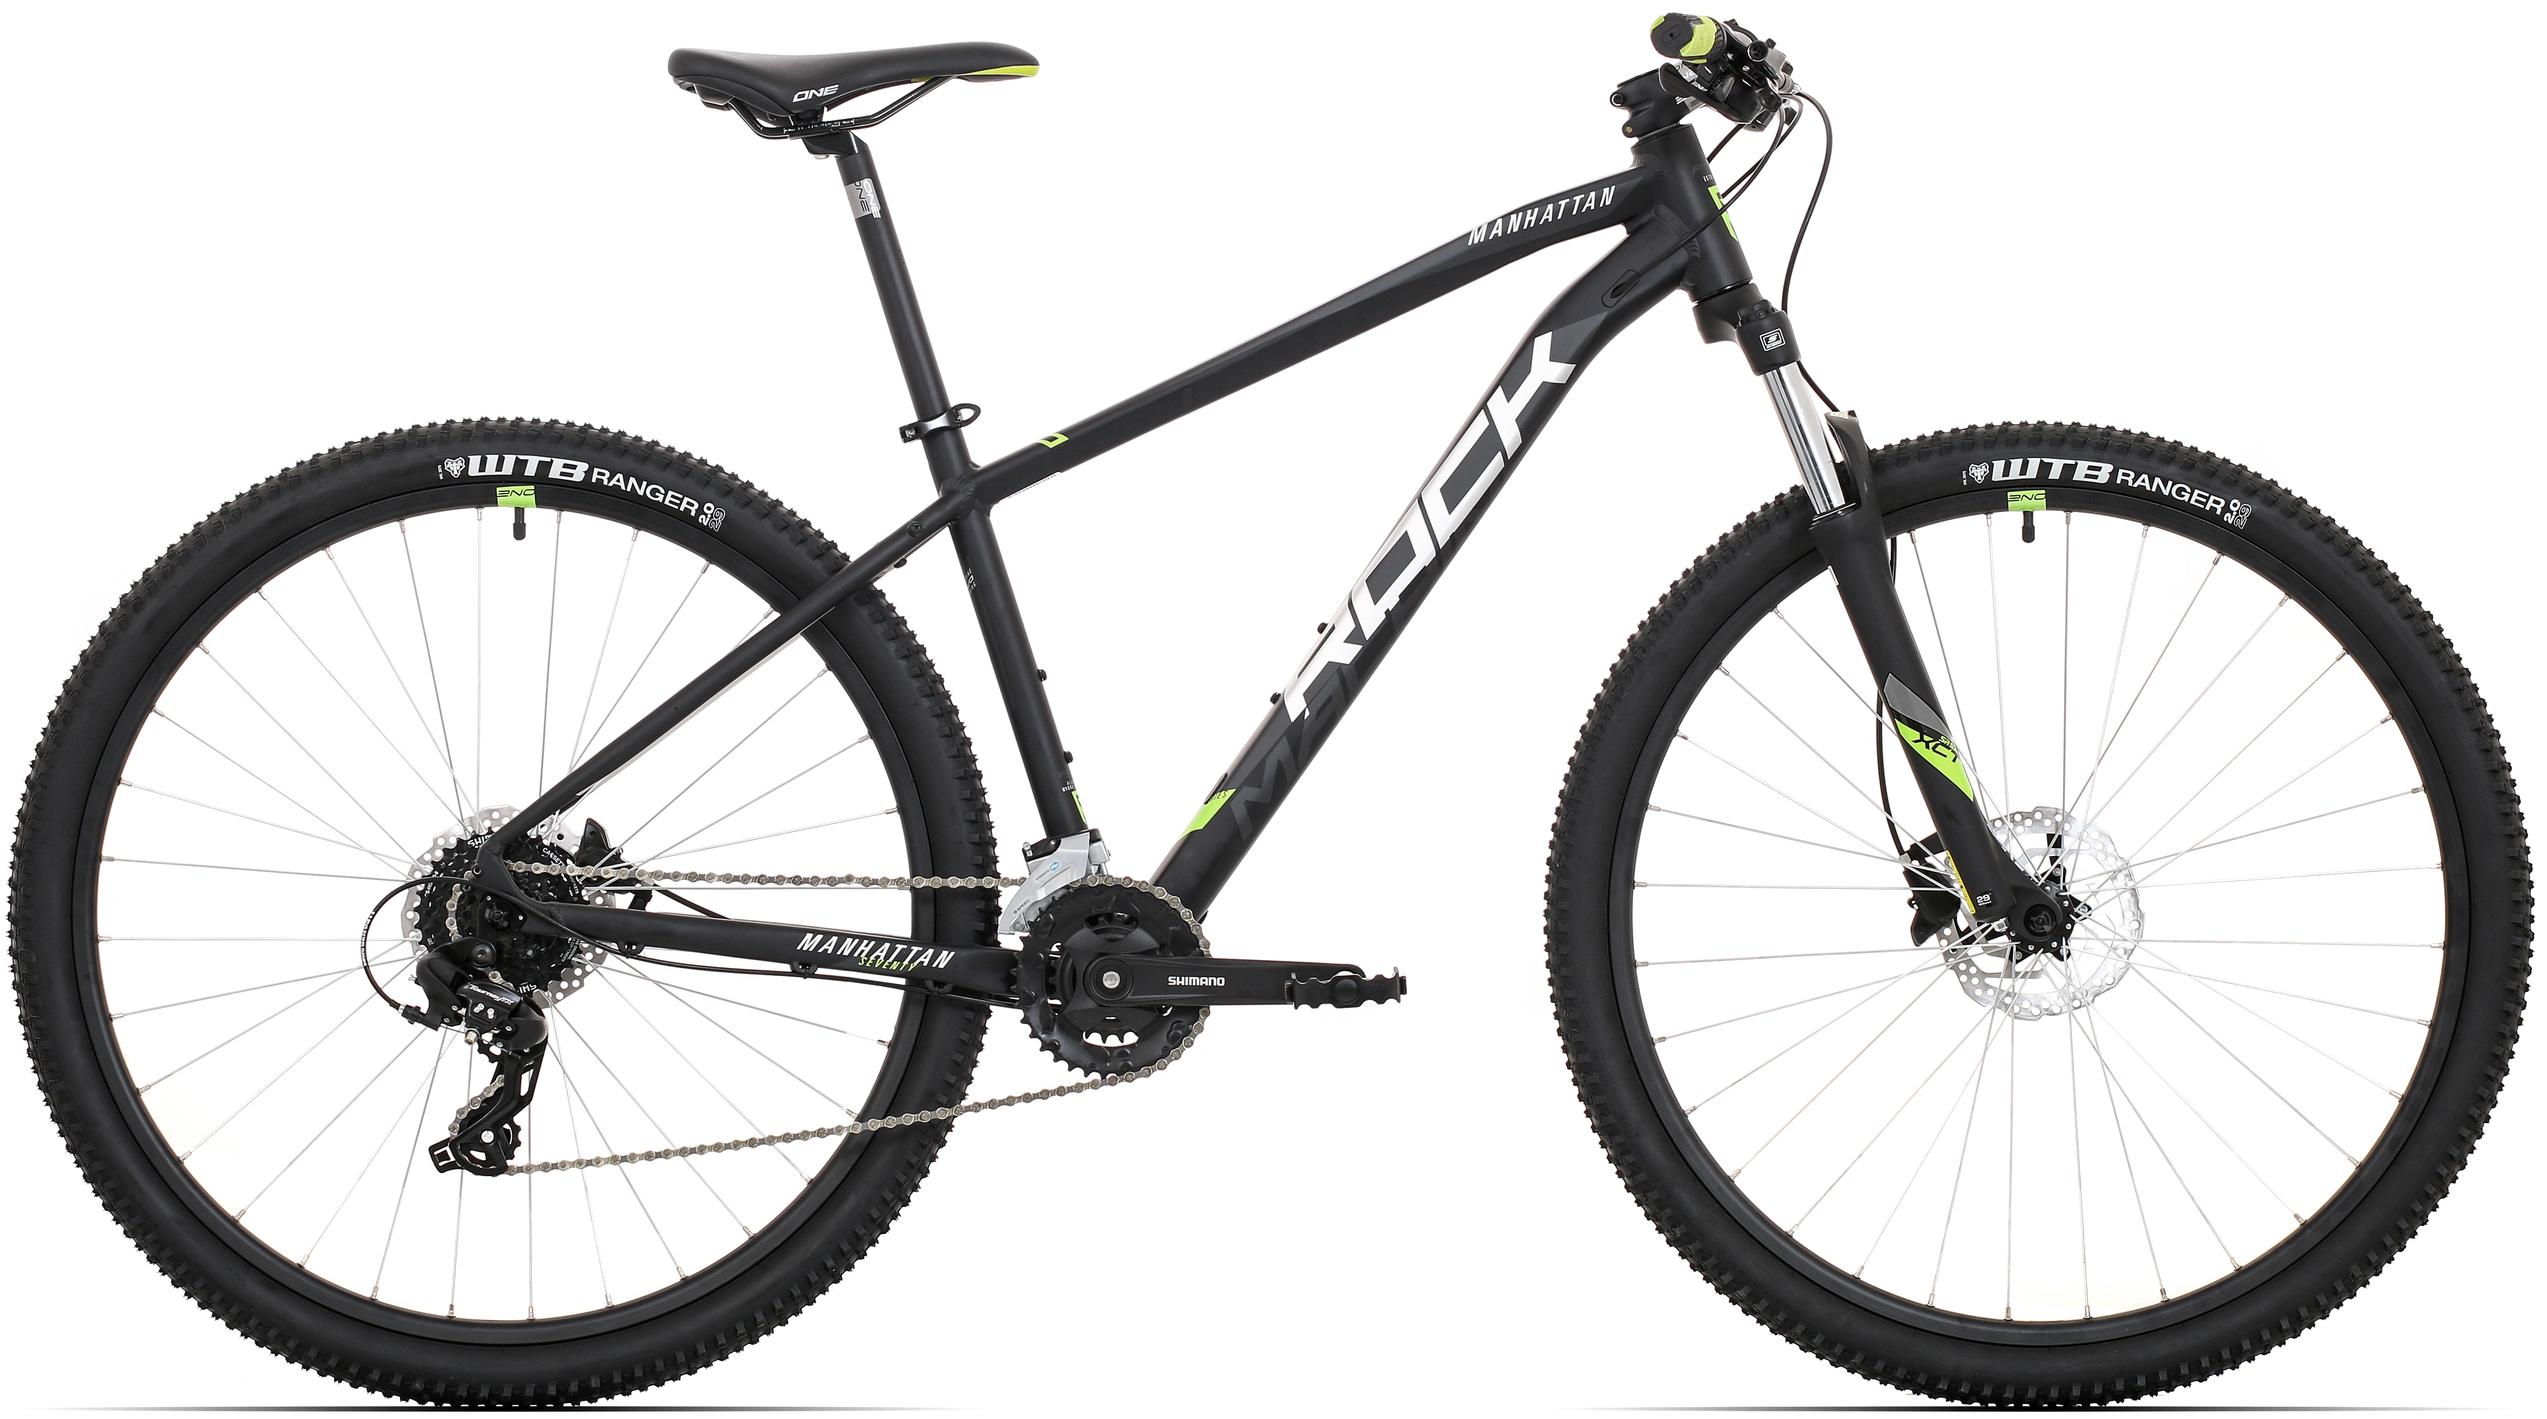 Shimano Altus CS-HG200-8 Speed Mountain Bike Bicycle Cassette 12-32T Black US